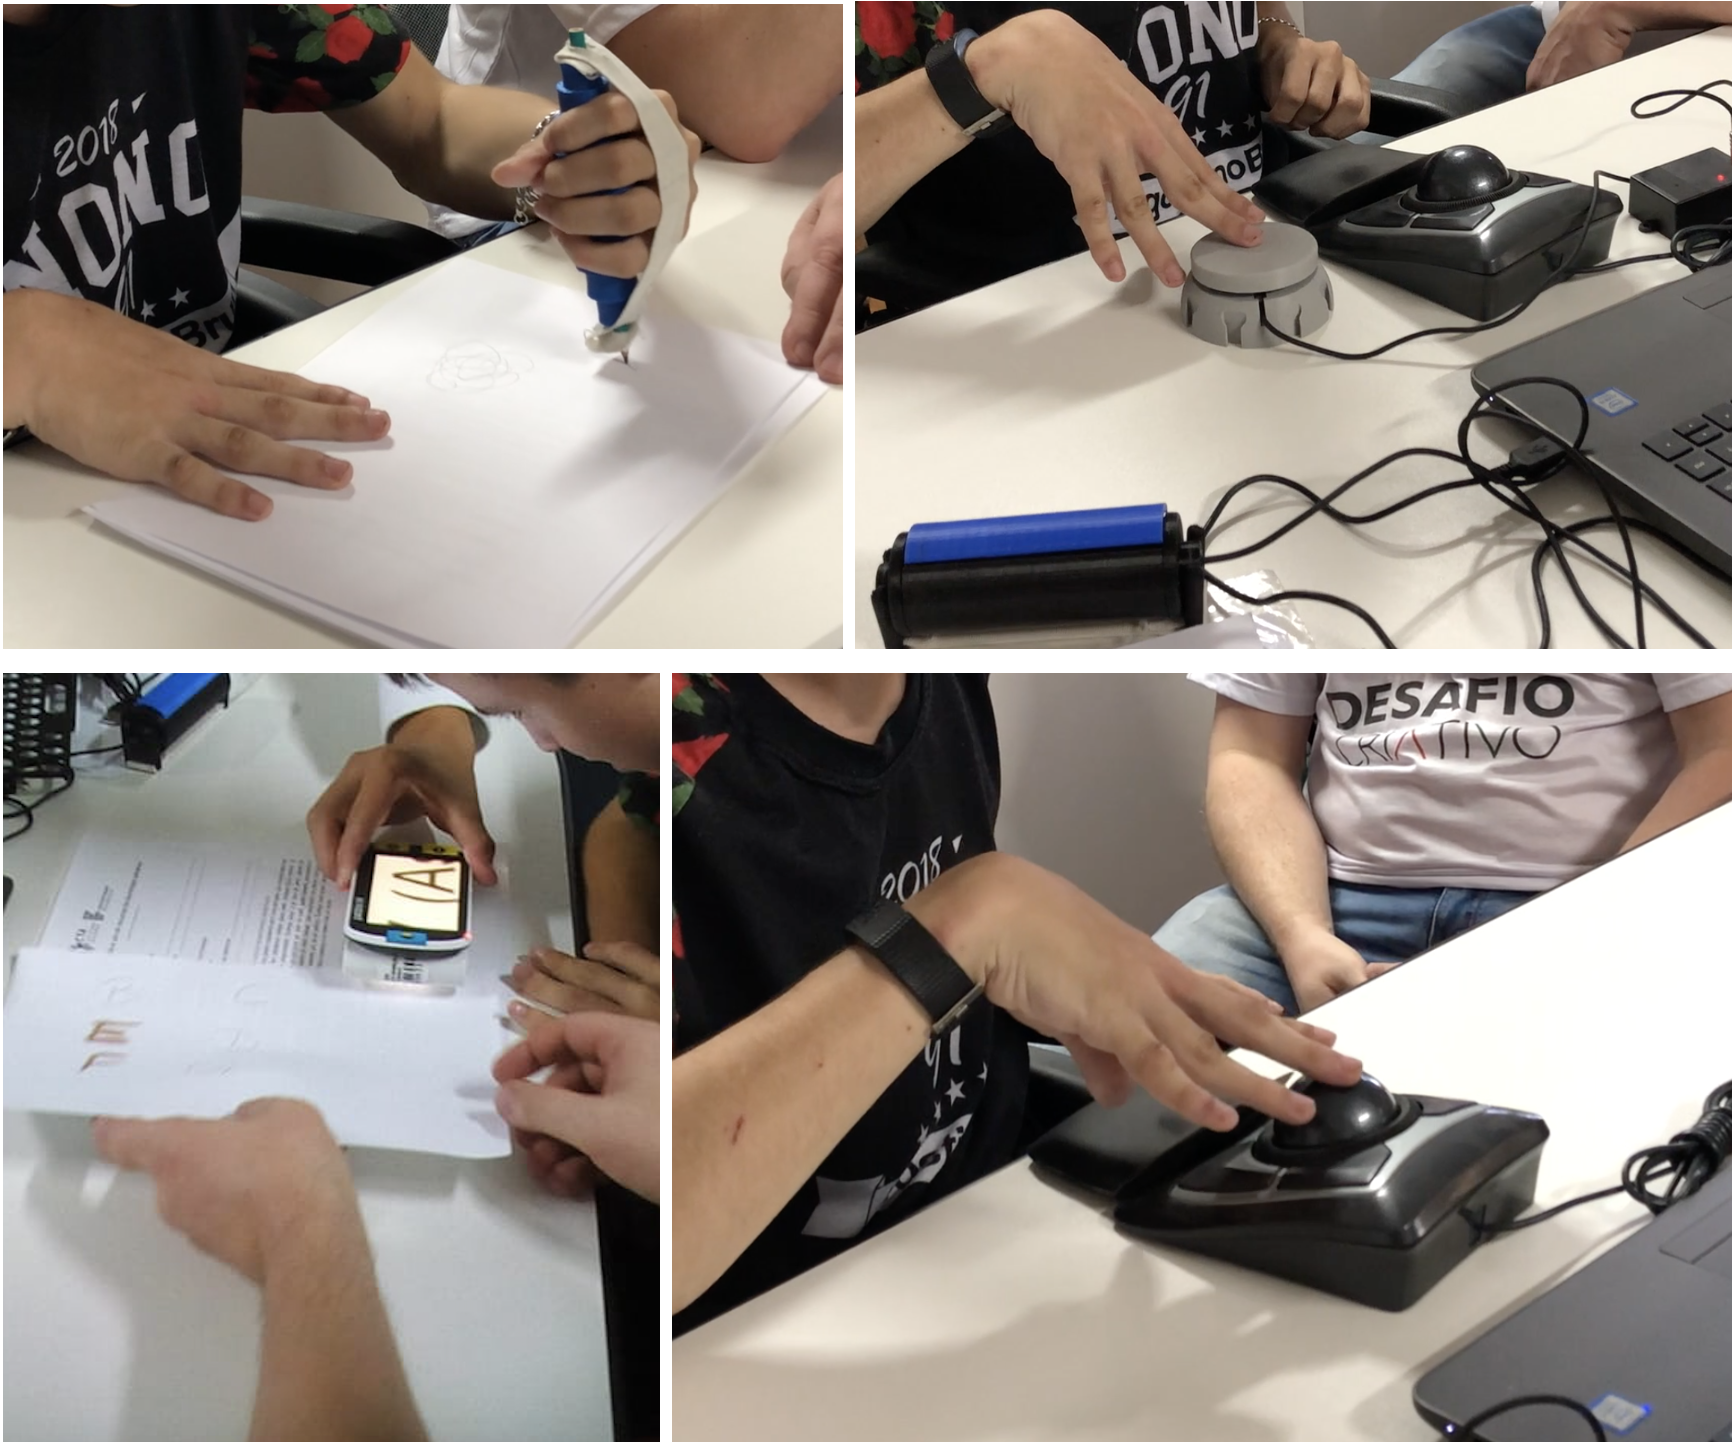 Aluno experimentando diferentes recursos de tecnologia assistiva, como facilitador de lápis, mouse adaptado, acionador e lupa eletrônica